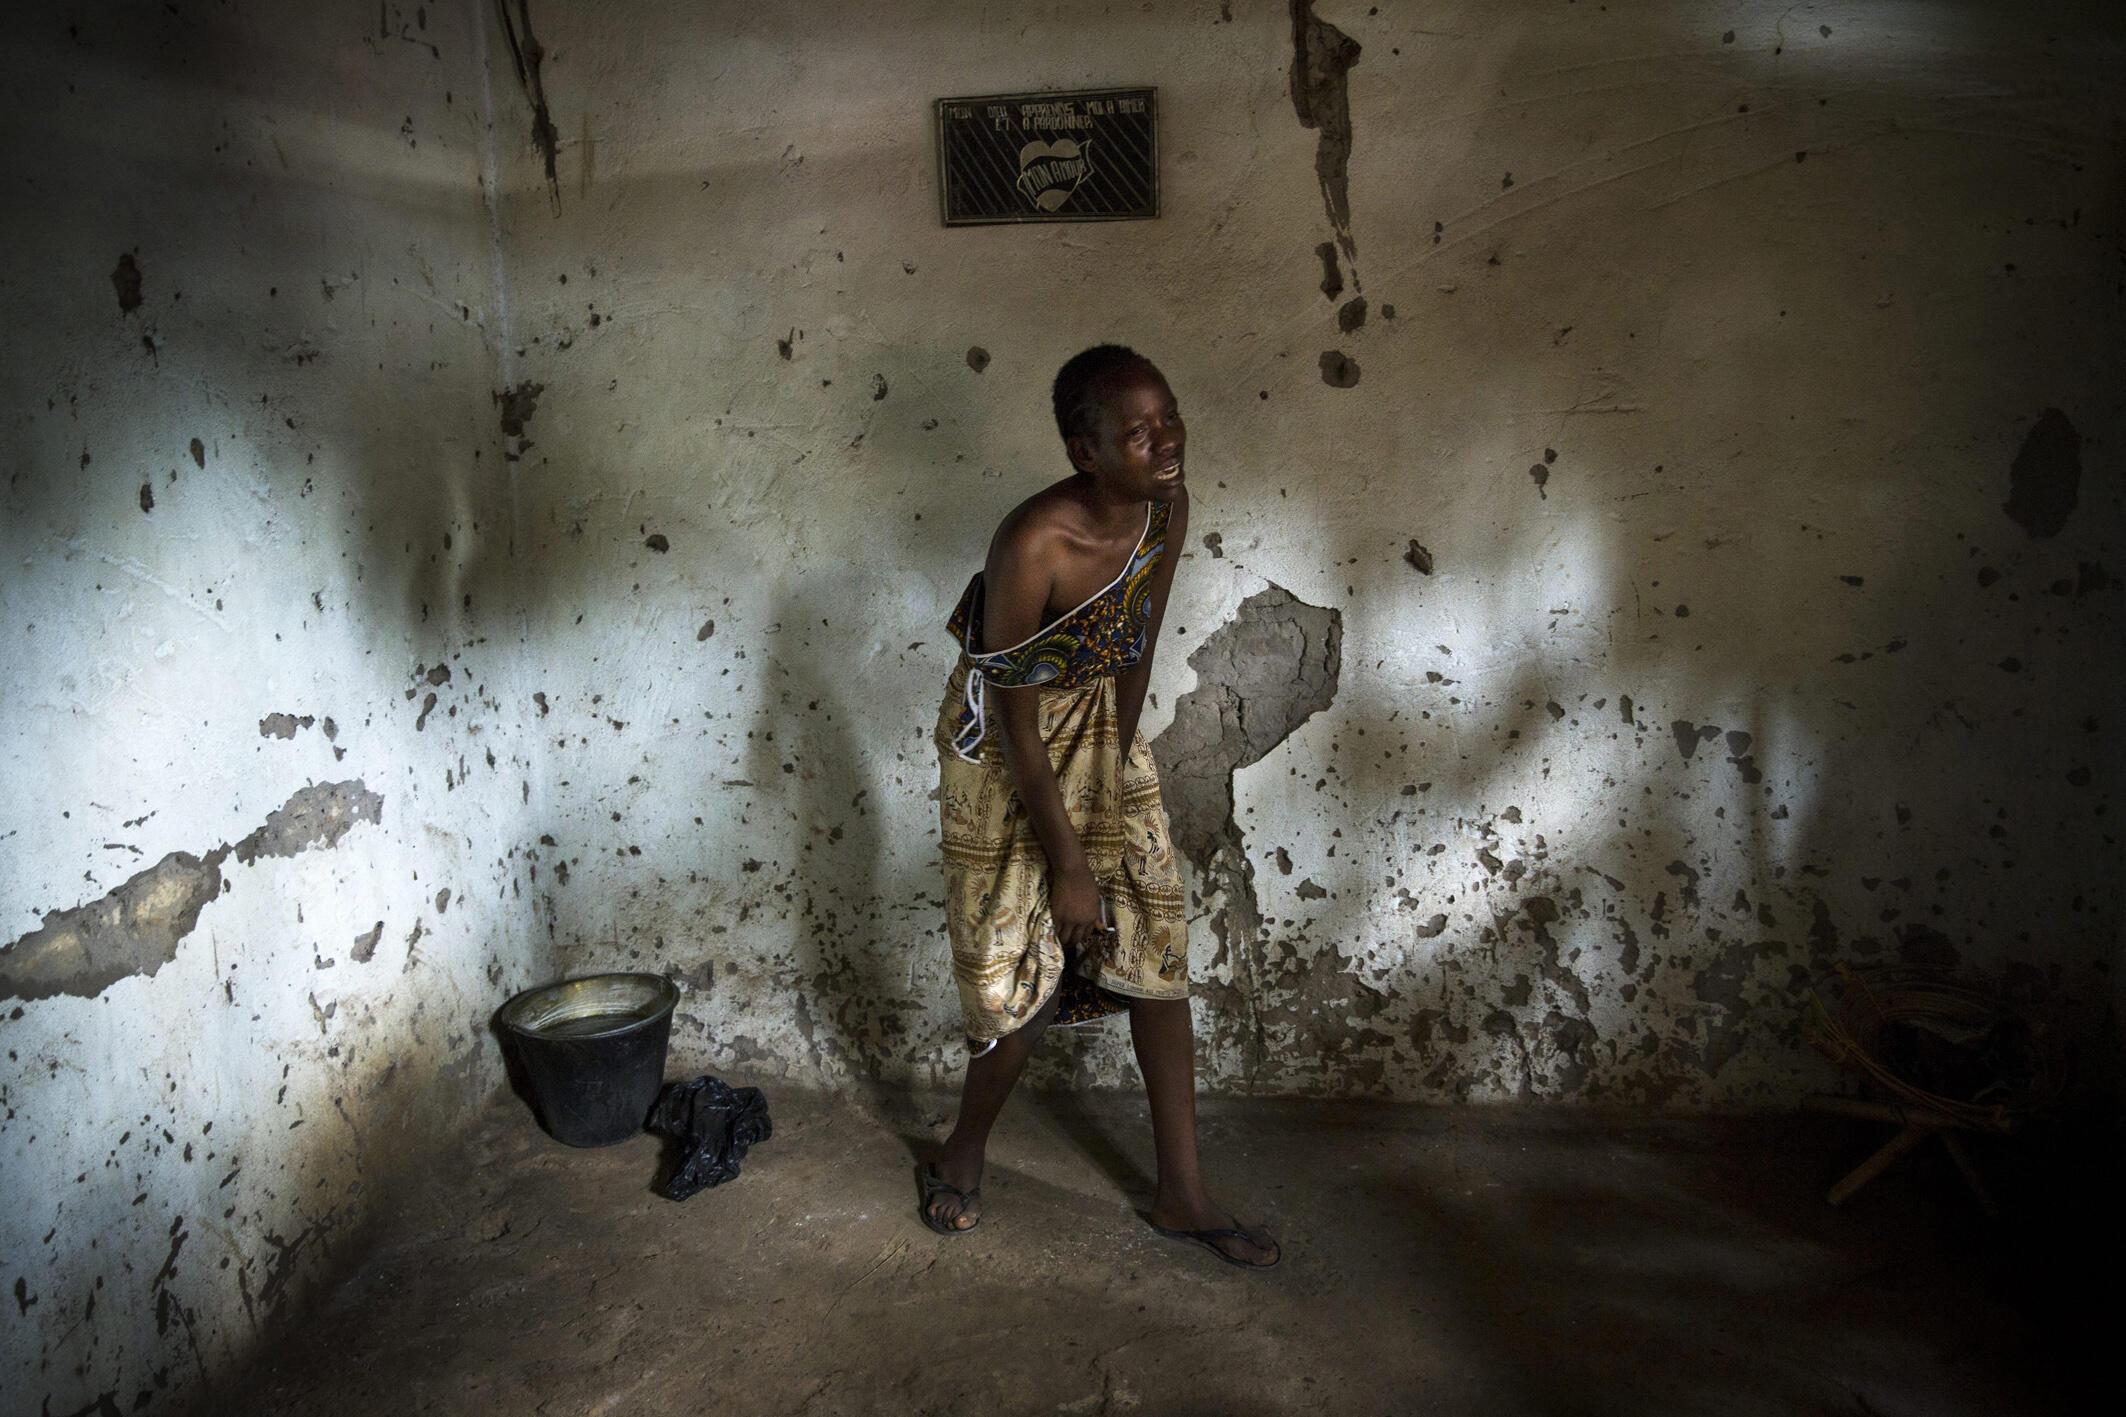 Le Visa d'Or humanitaire du CICR s'adresse à des photojournalistes professionnels et est destiné à illustrer l'obligation de respecter la mission médicale dans les situations de conflit ou de violence armés.